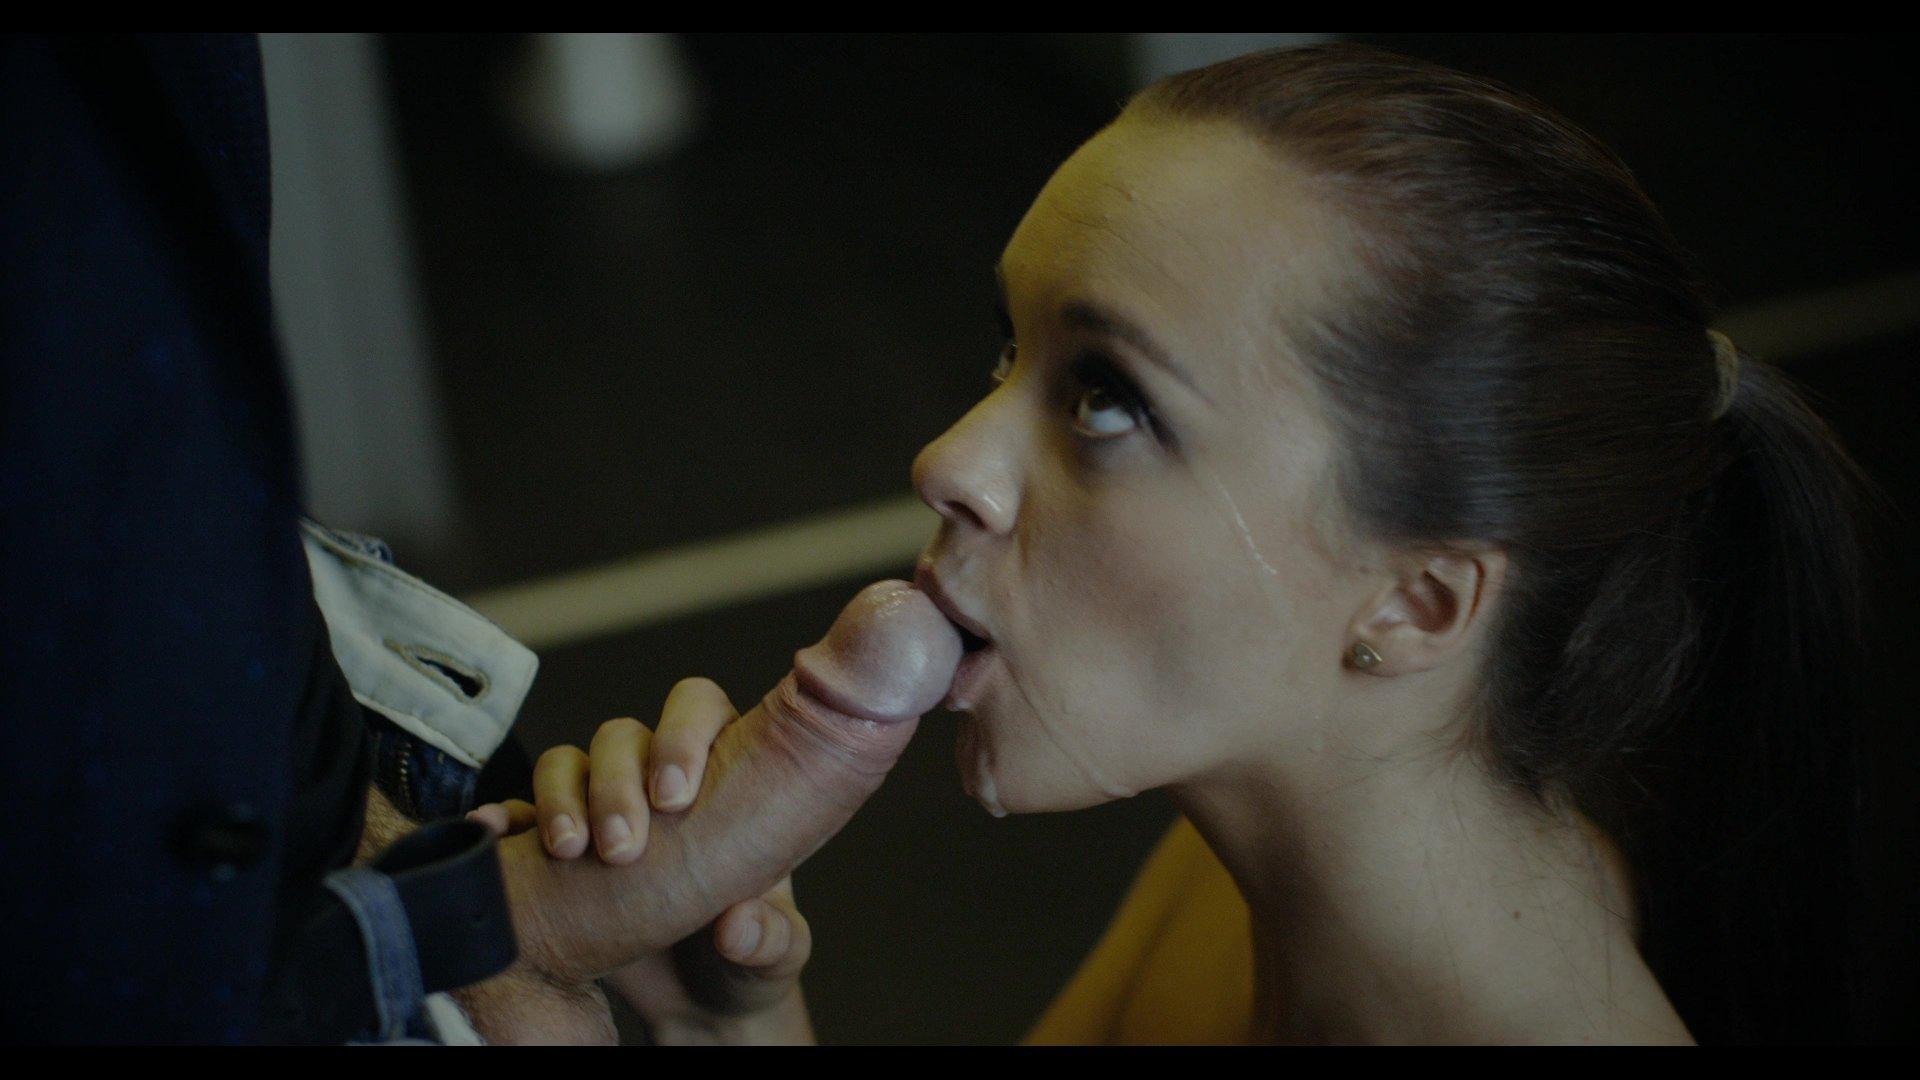 художественные фильмы с оральным сексом фото